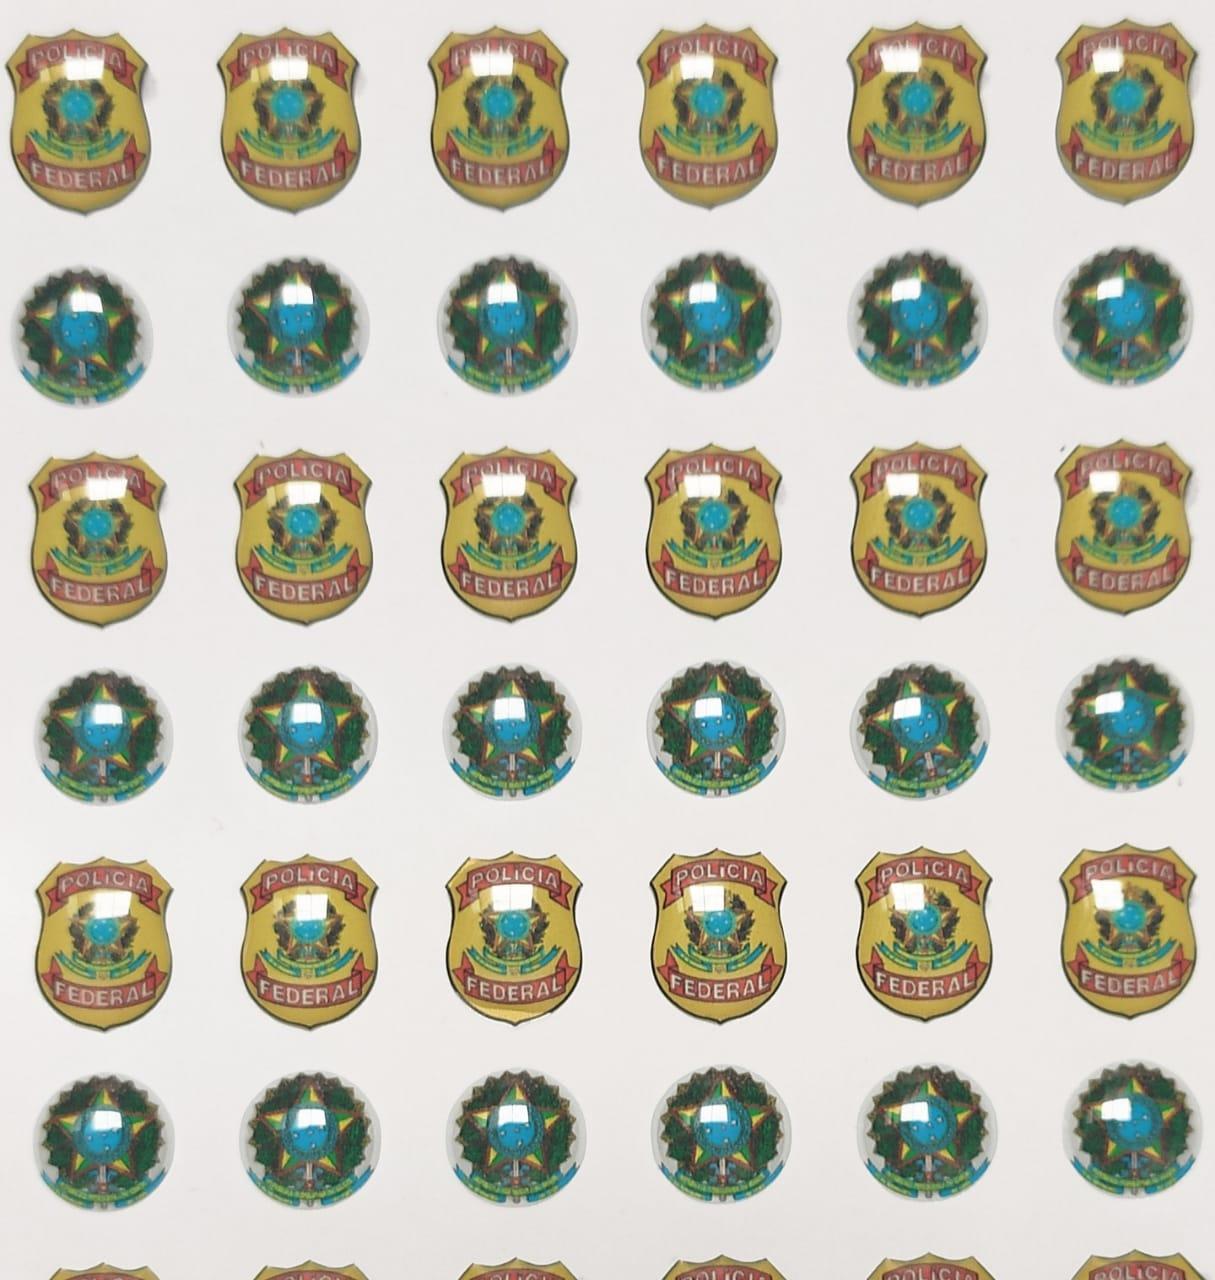 Cód. 432 - Brasão da República e Polícia